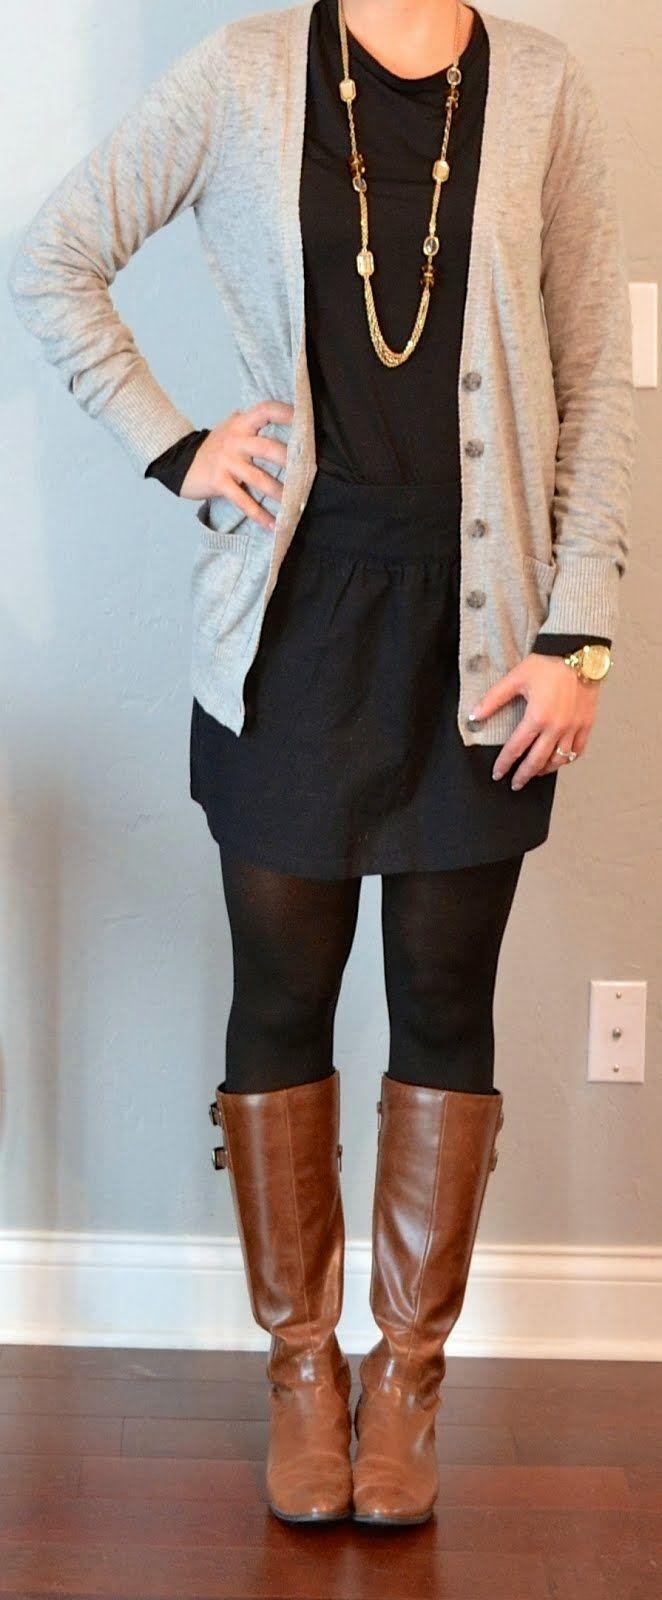 Bloom: teacher talk: outfits